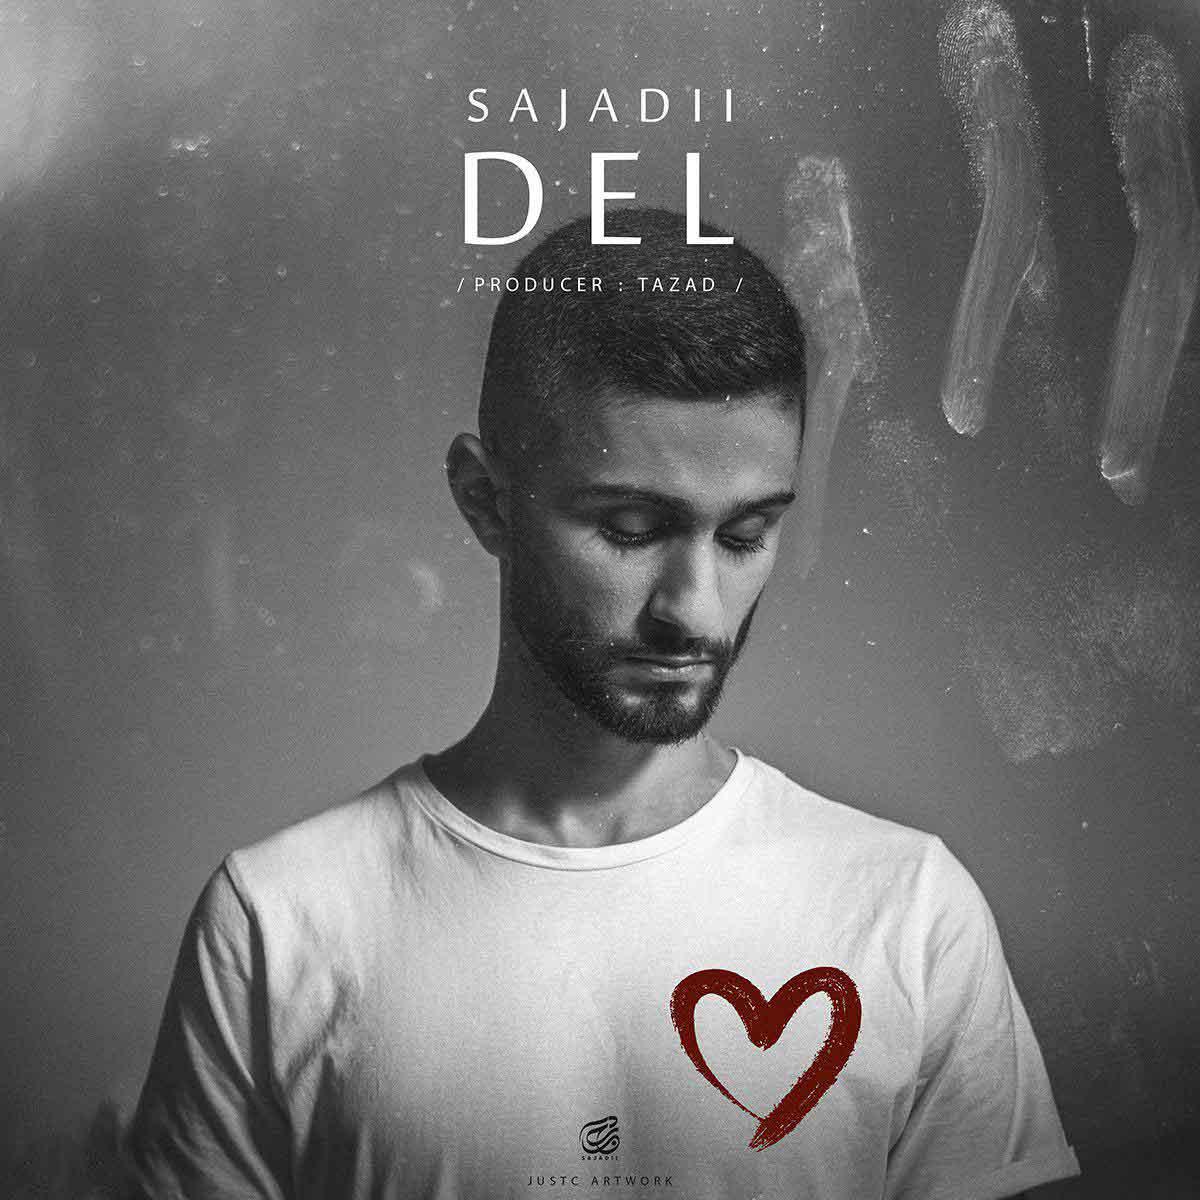 Sajadii – Del